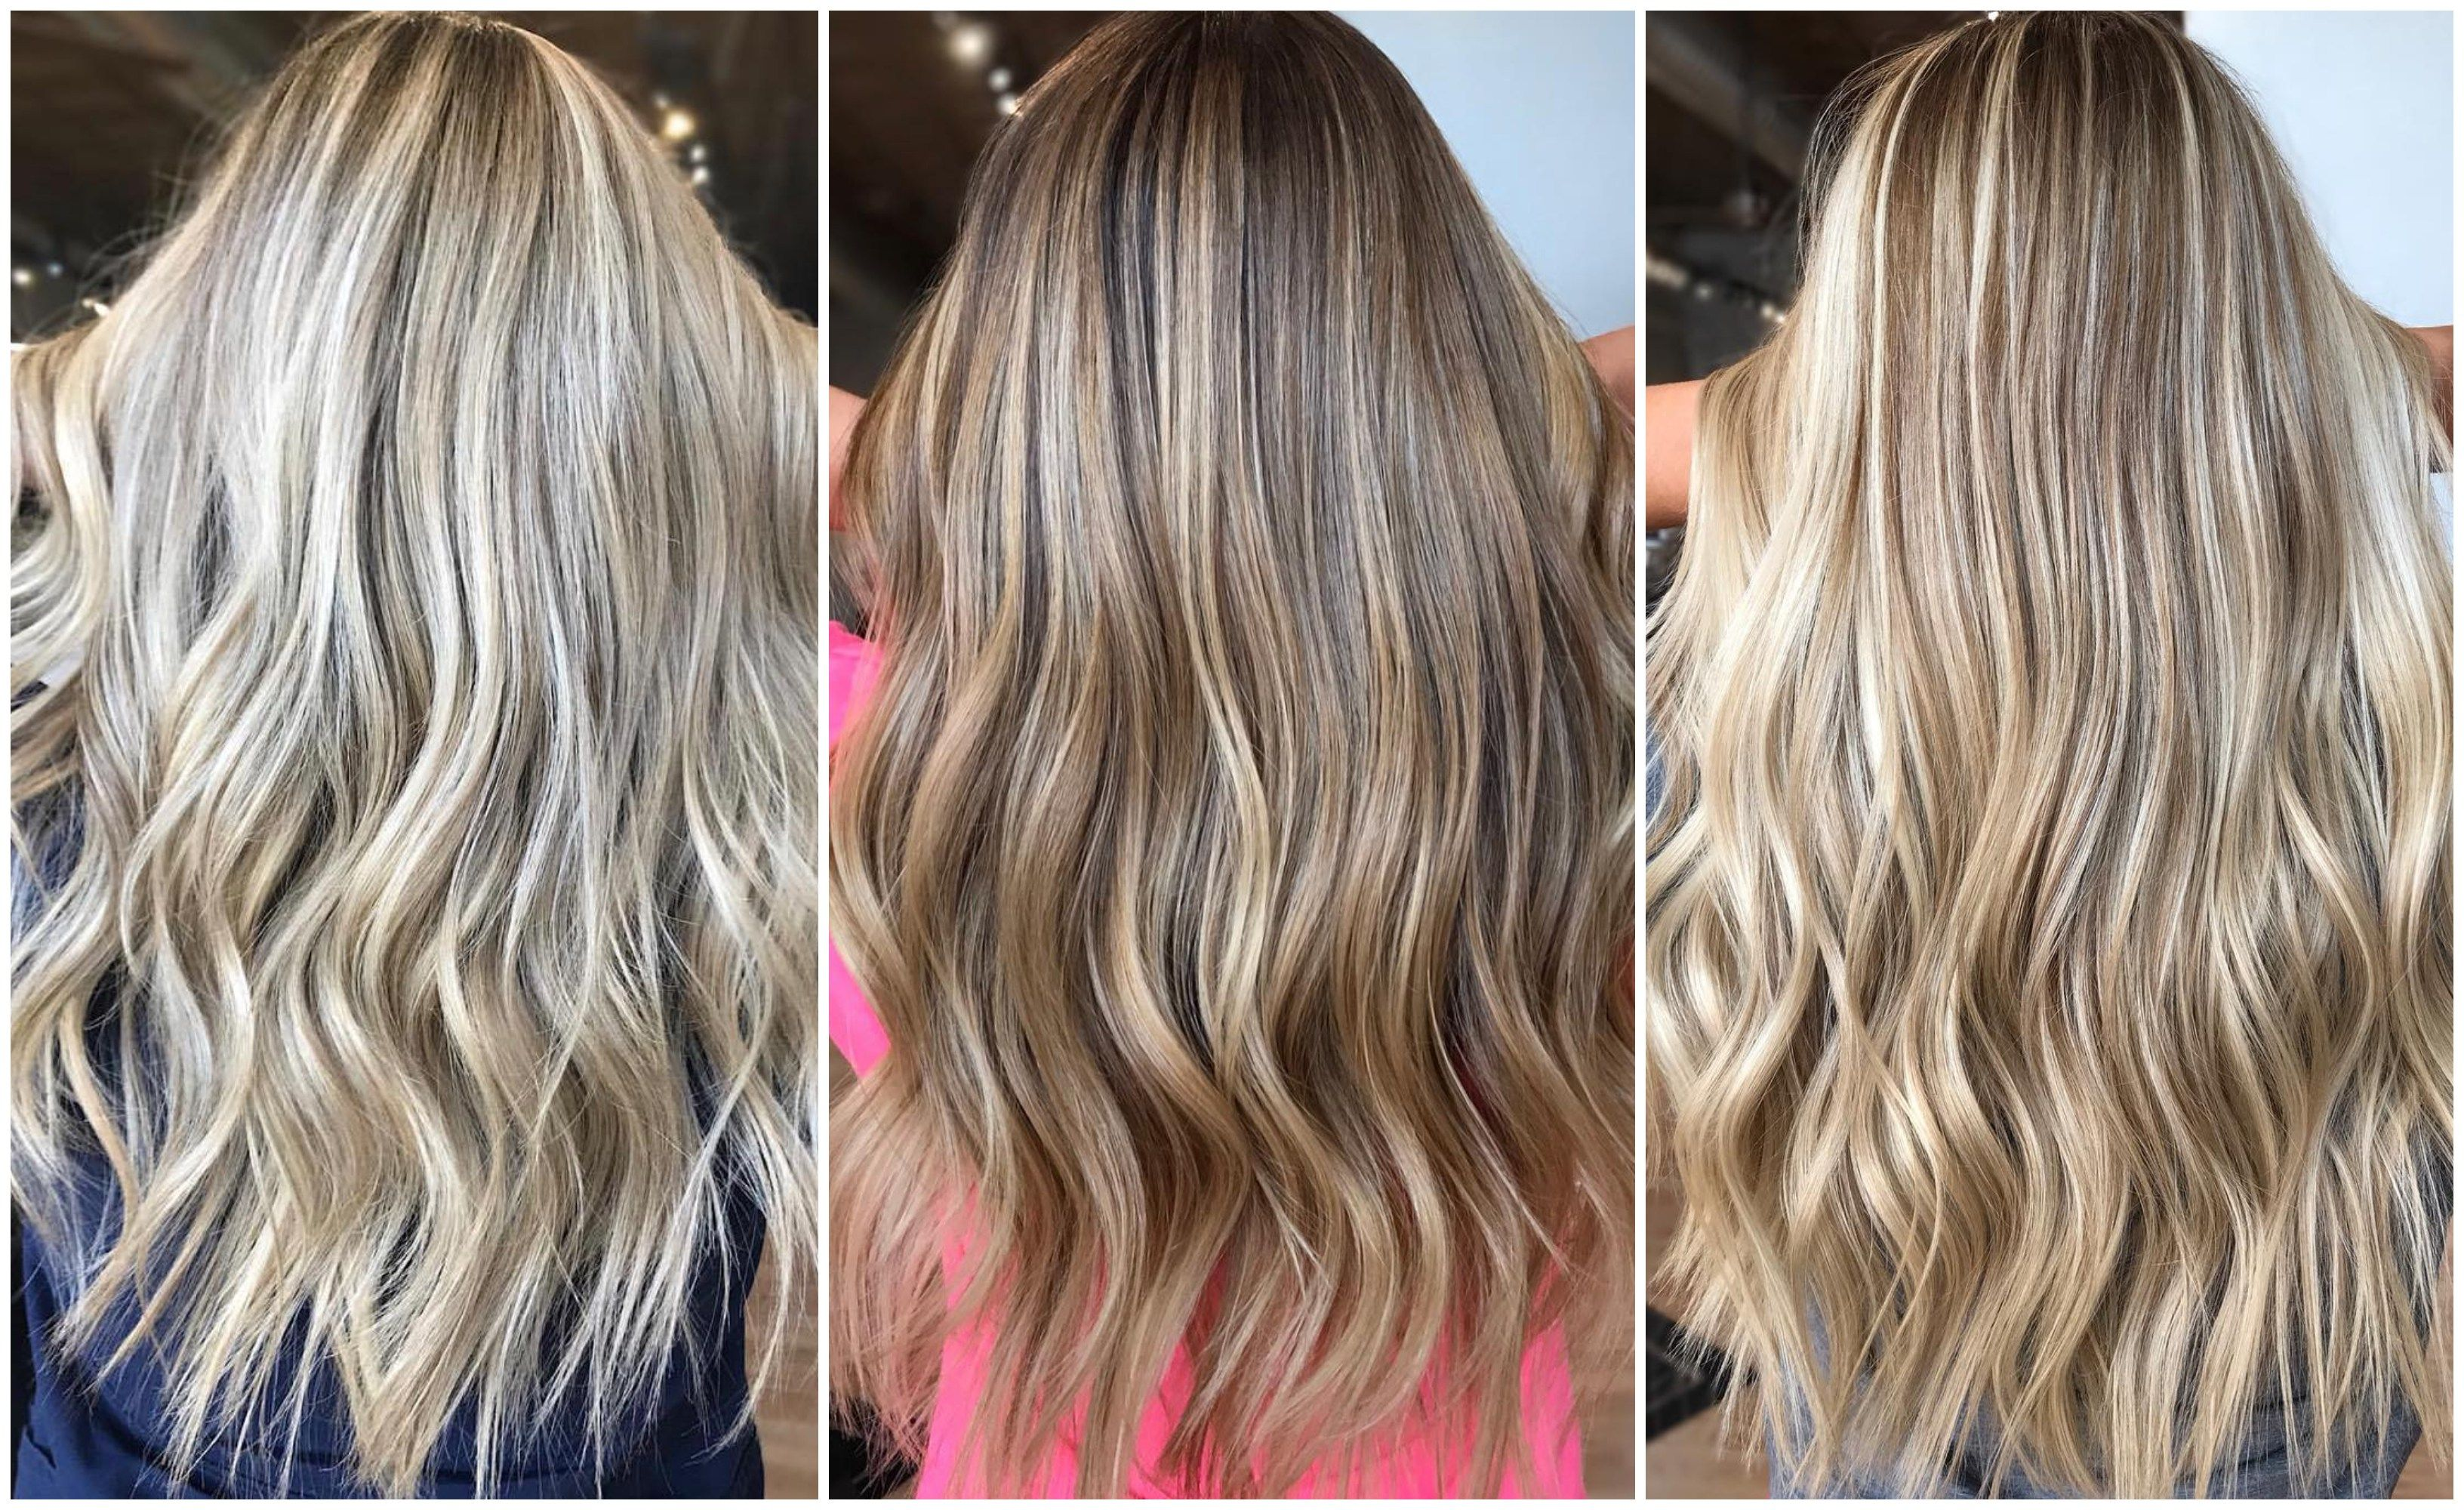 Foilyage Is Your Next Favorite Hair Color Technique Hair Color Techniques Types Of Hair Color Hair Techniques